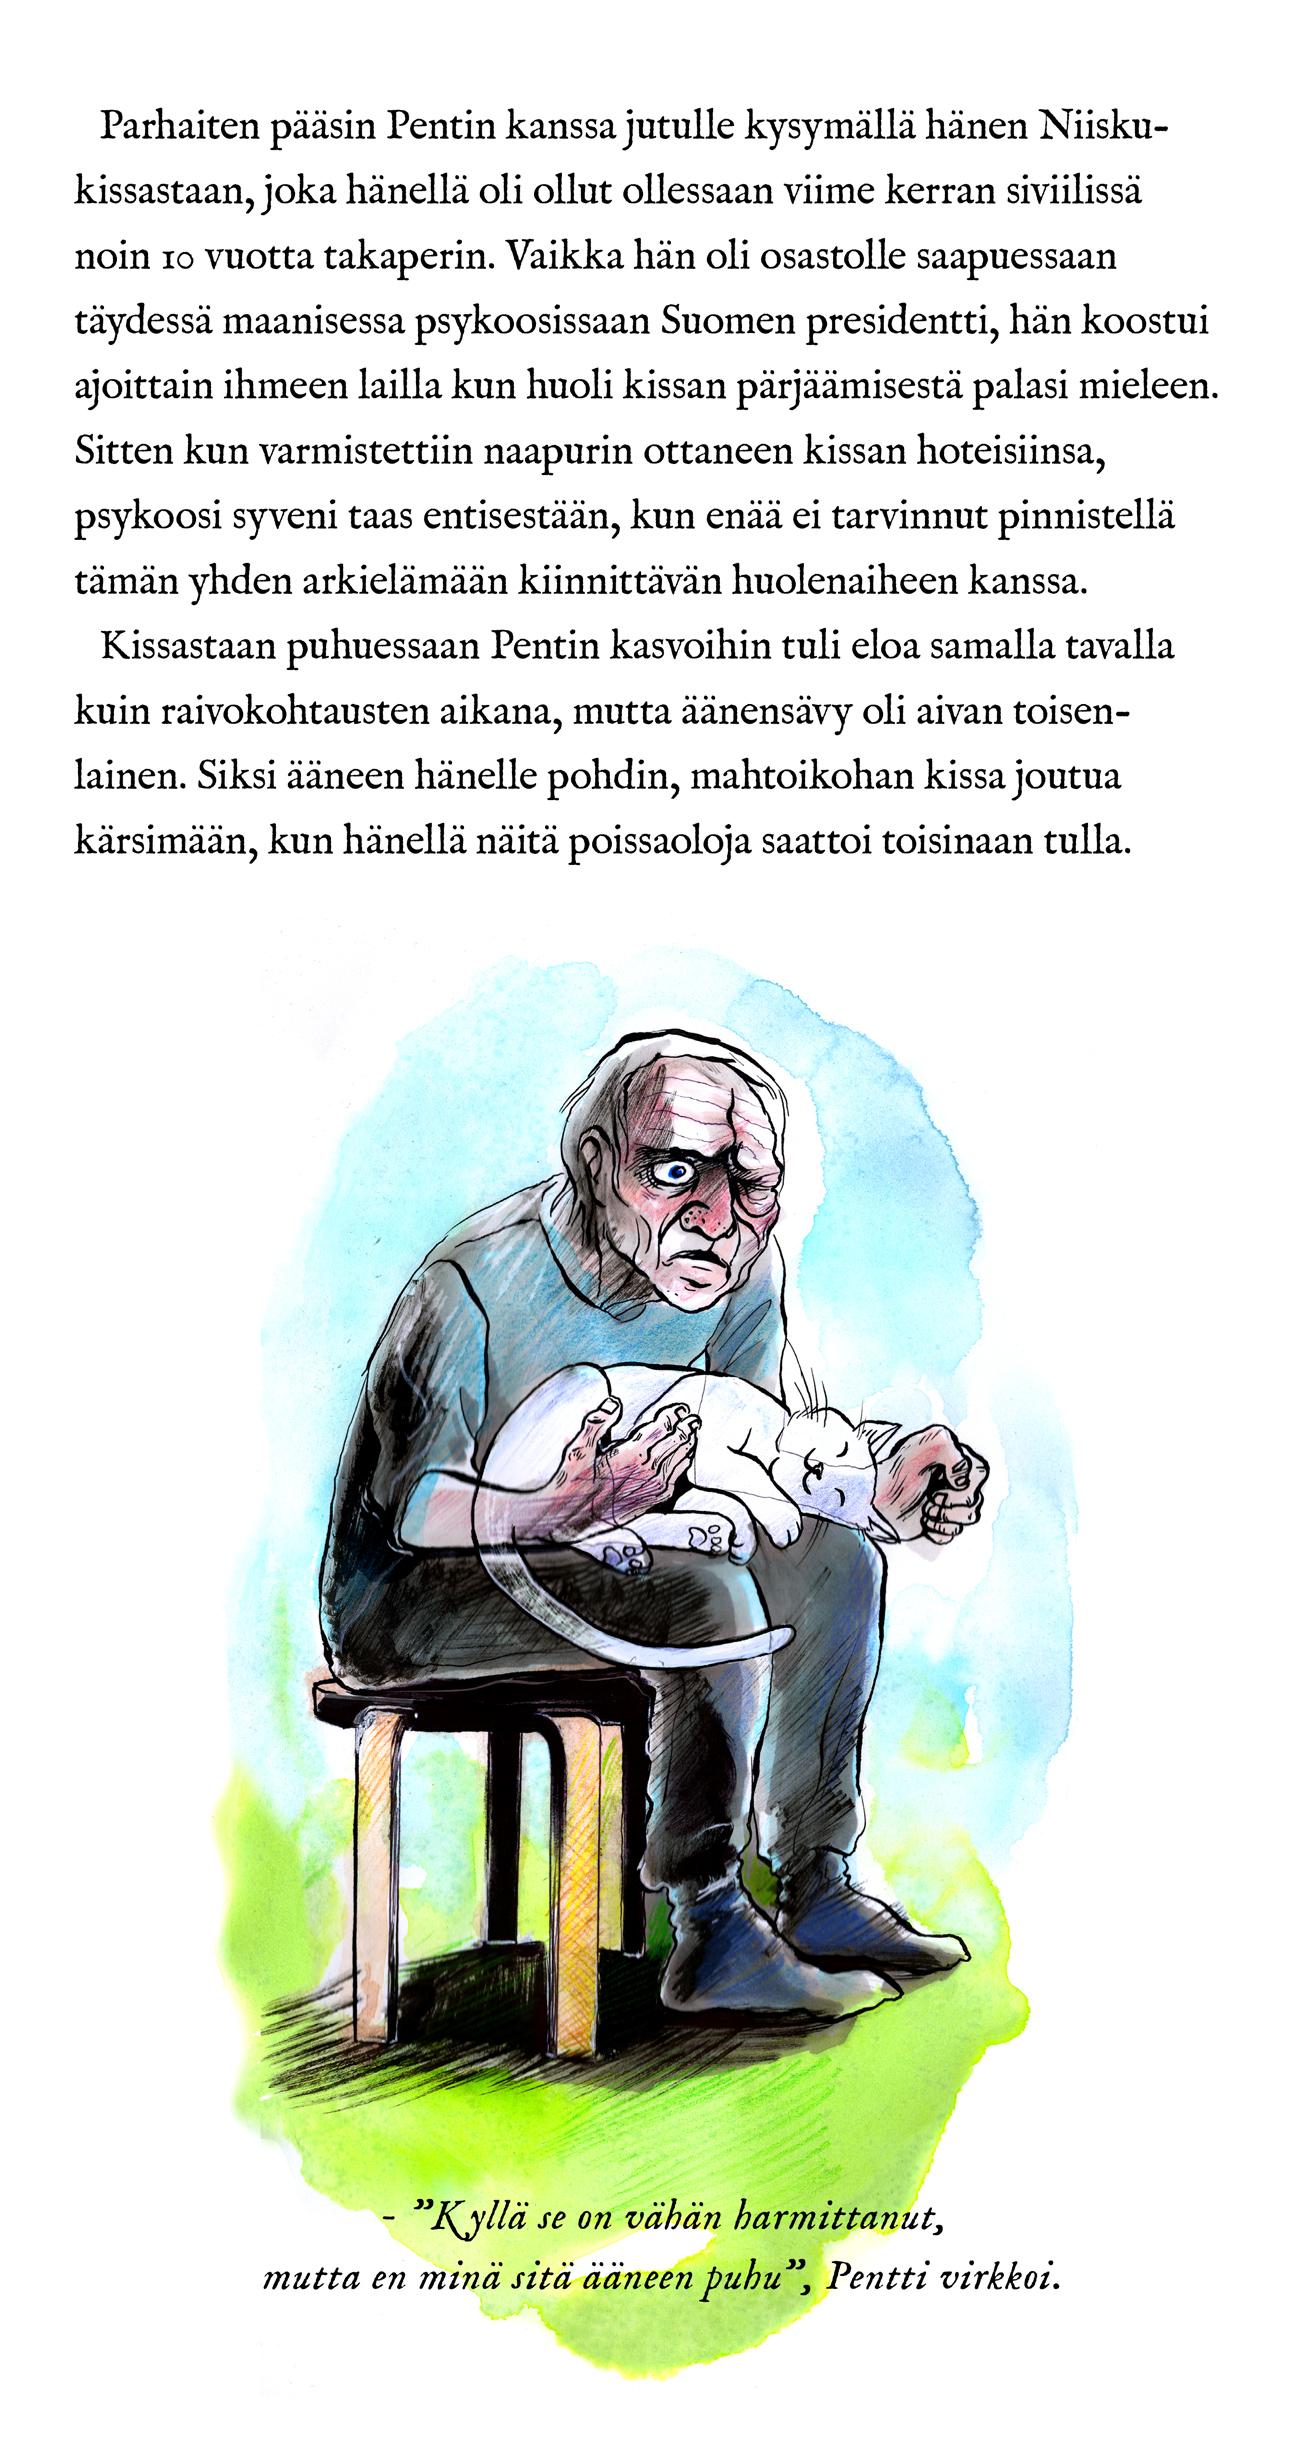 Raskaan-sarjan-psykiatriaa-Ärmätti-sivu-5